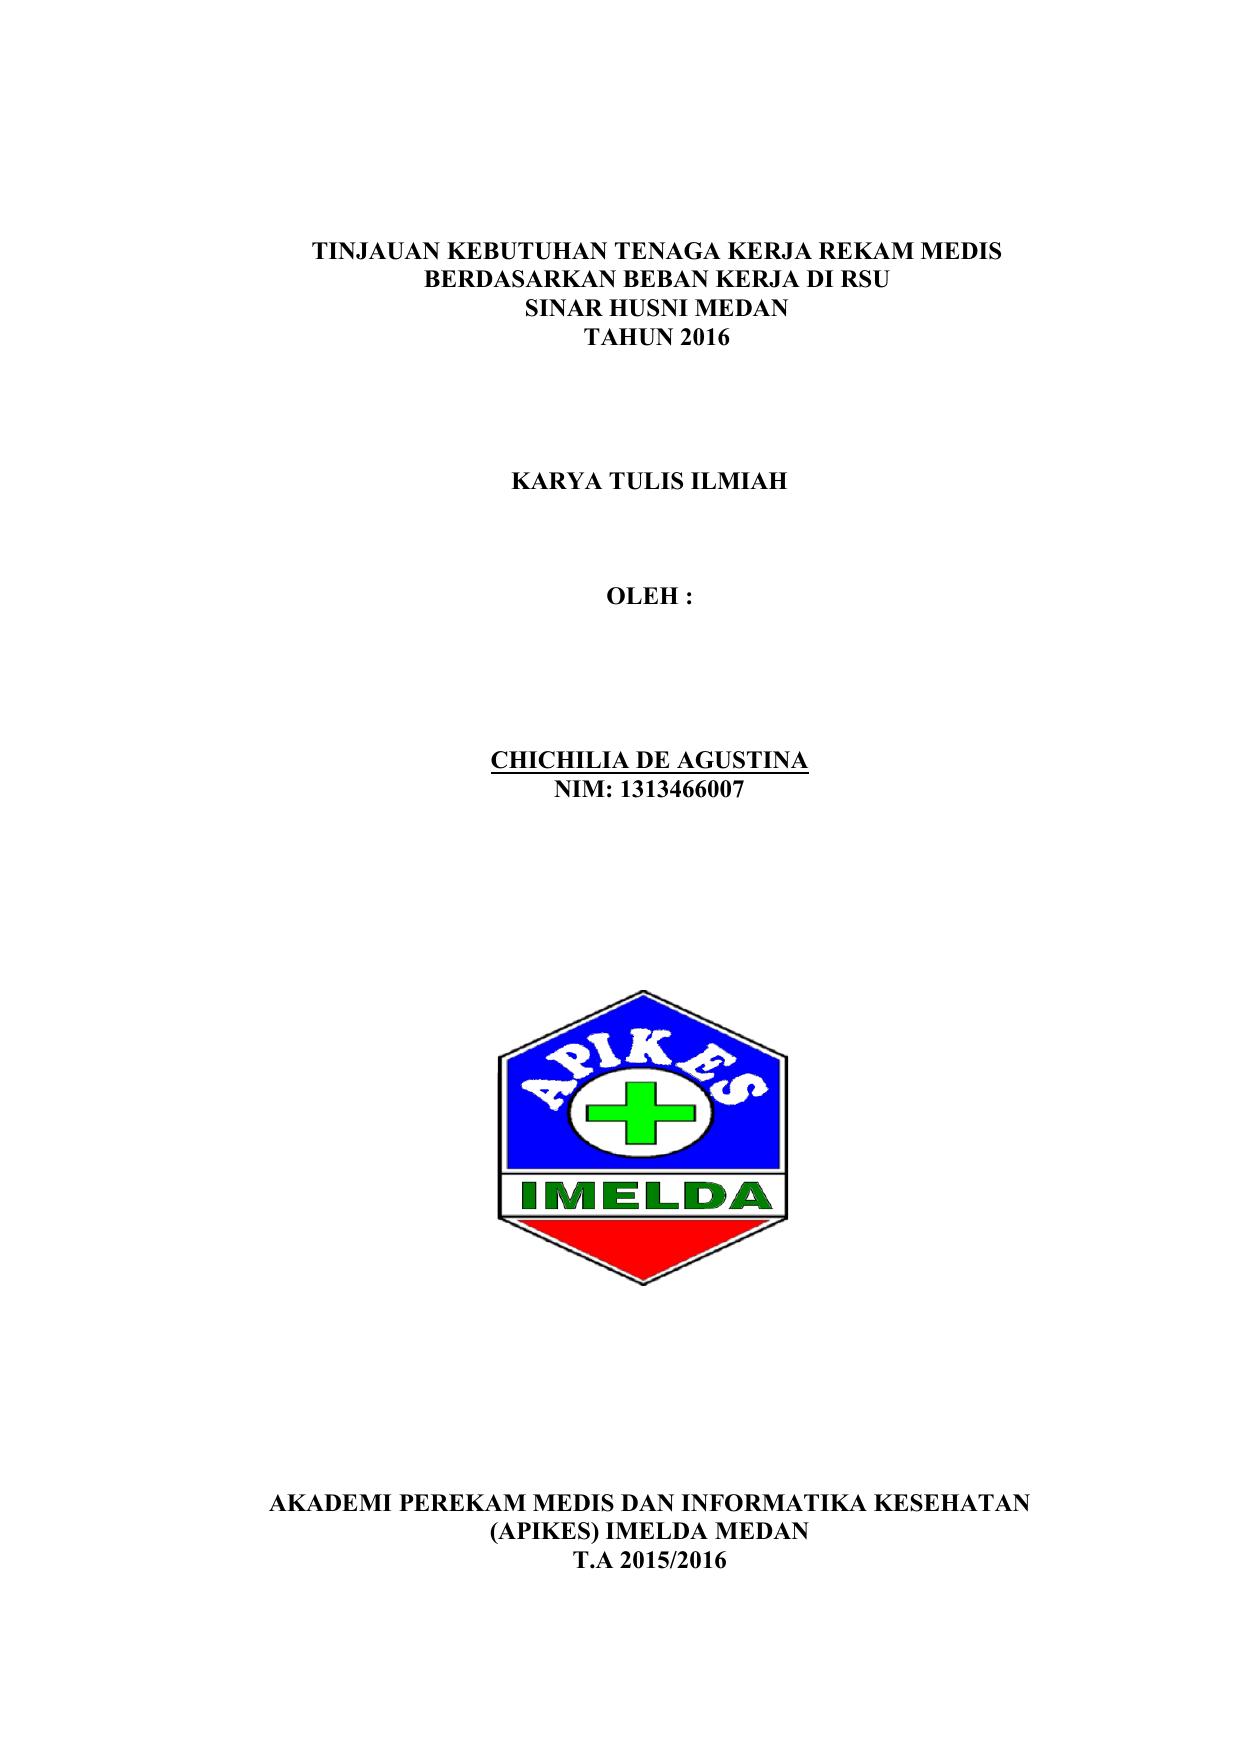 File Apikes Imelda Medan